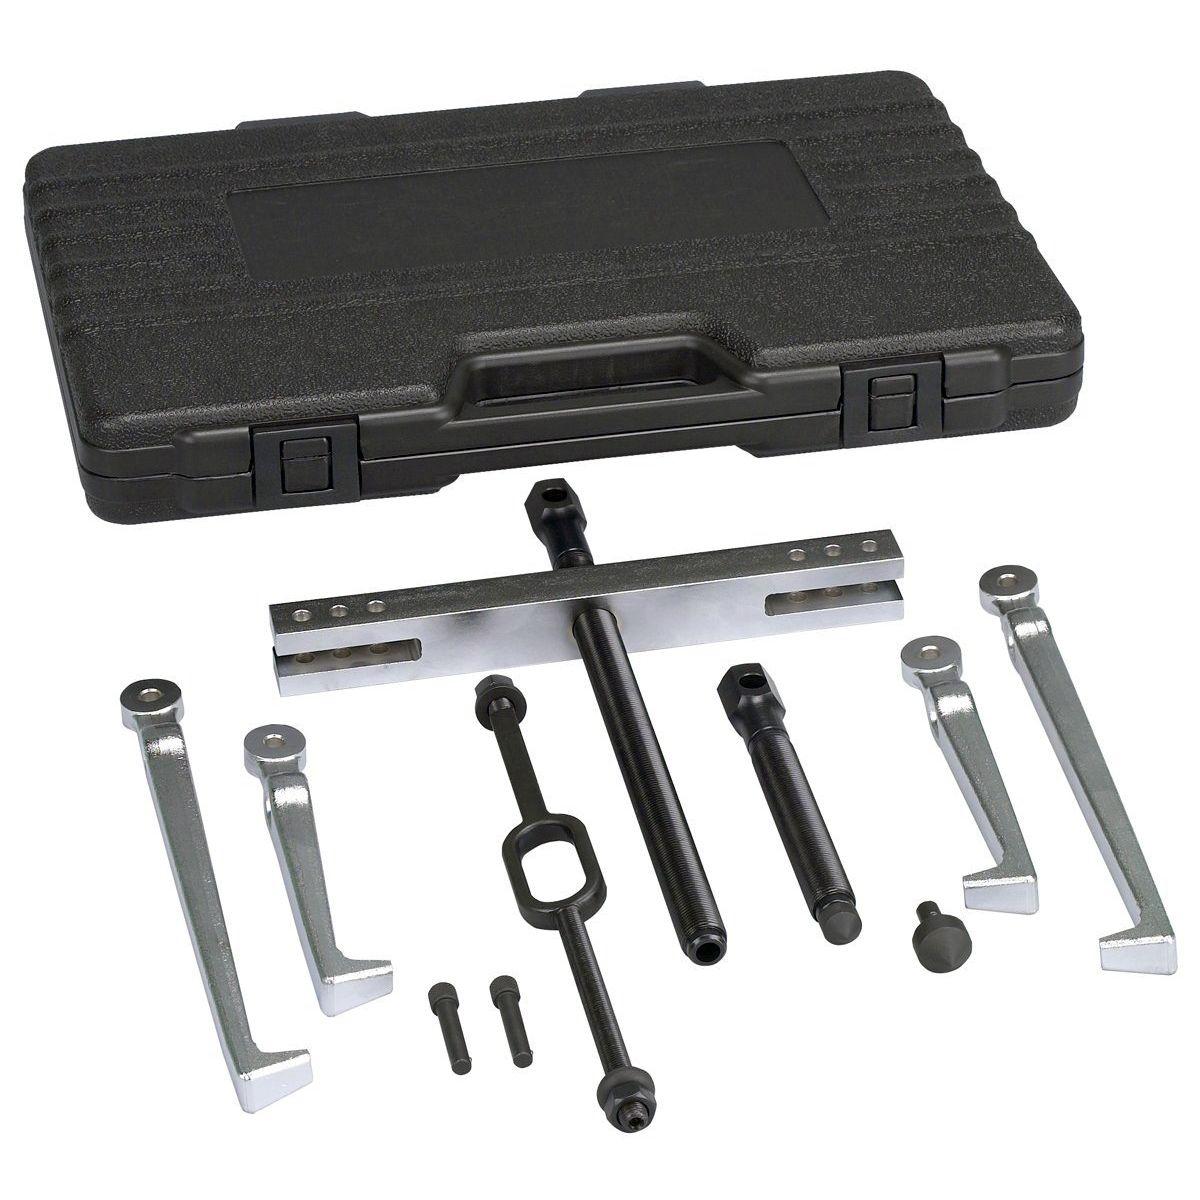 Bearing Puller Set Malaysia : Ton multi purpose bearing puller set otc